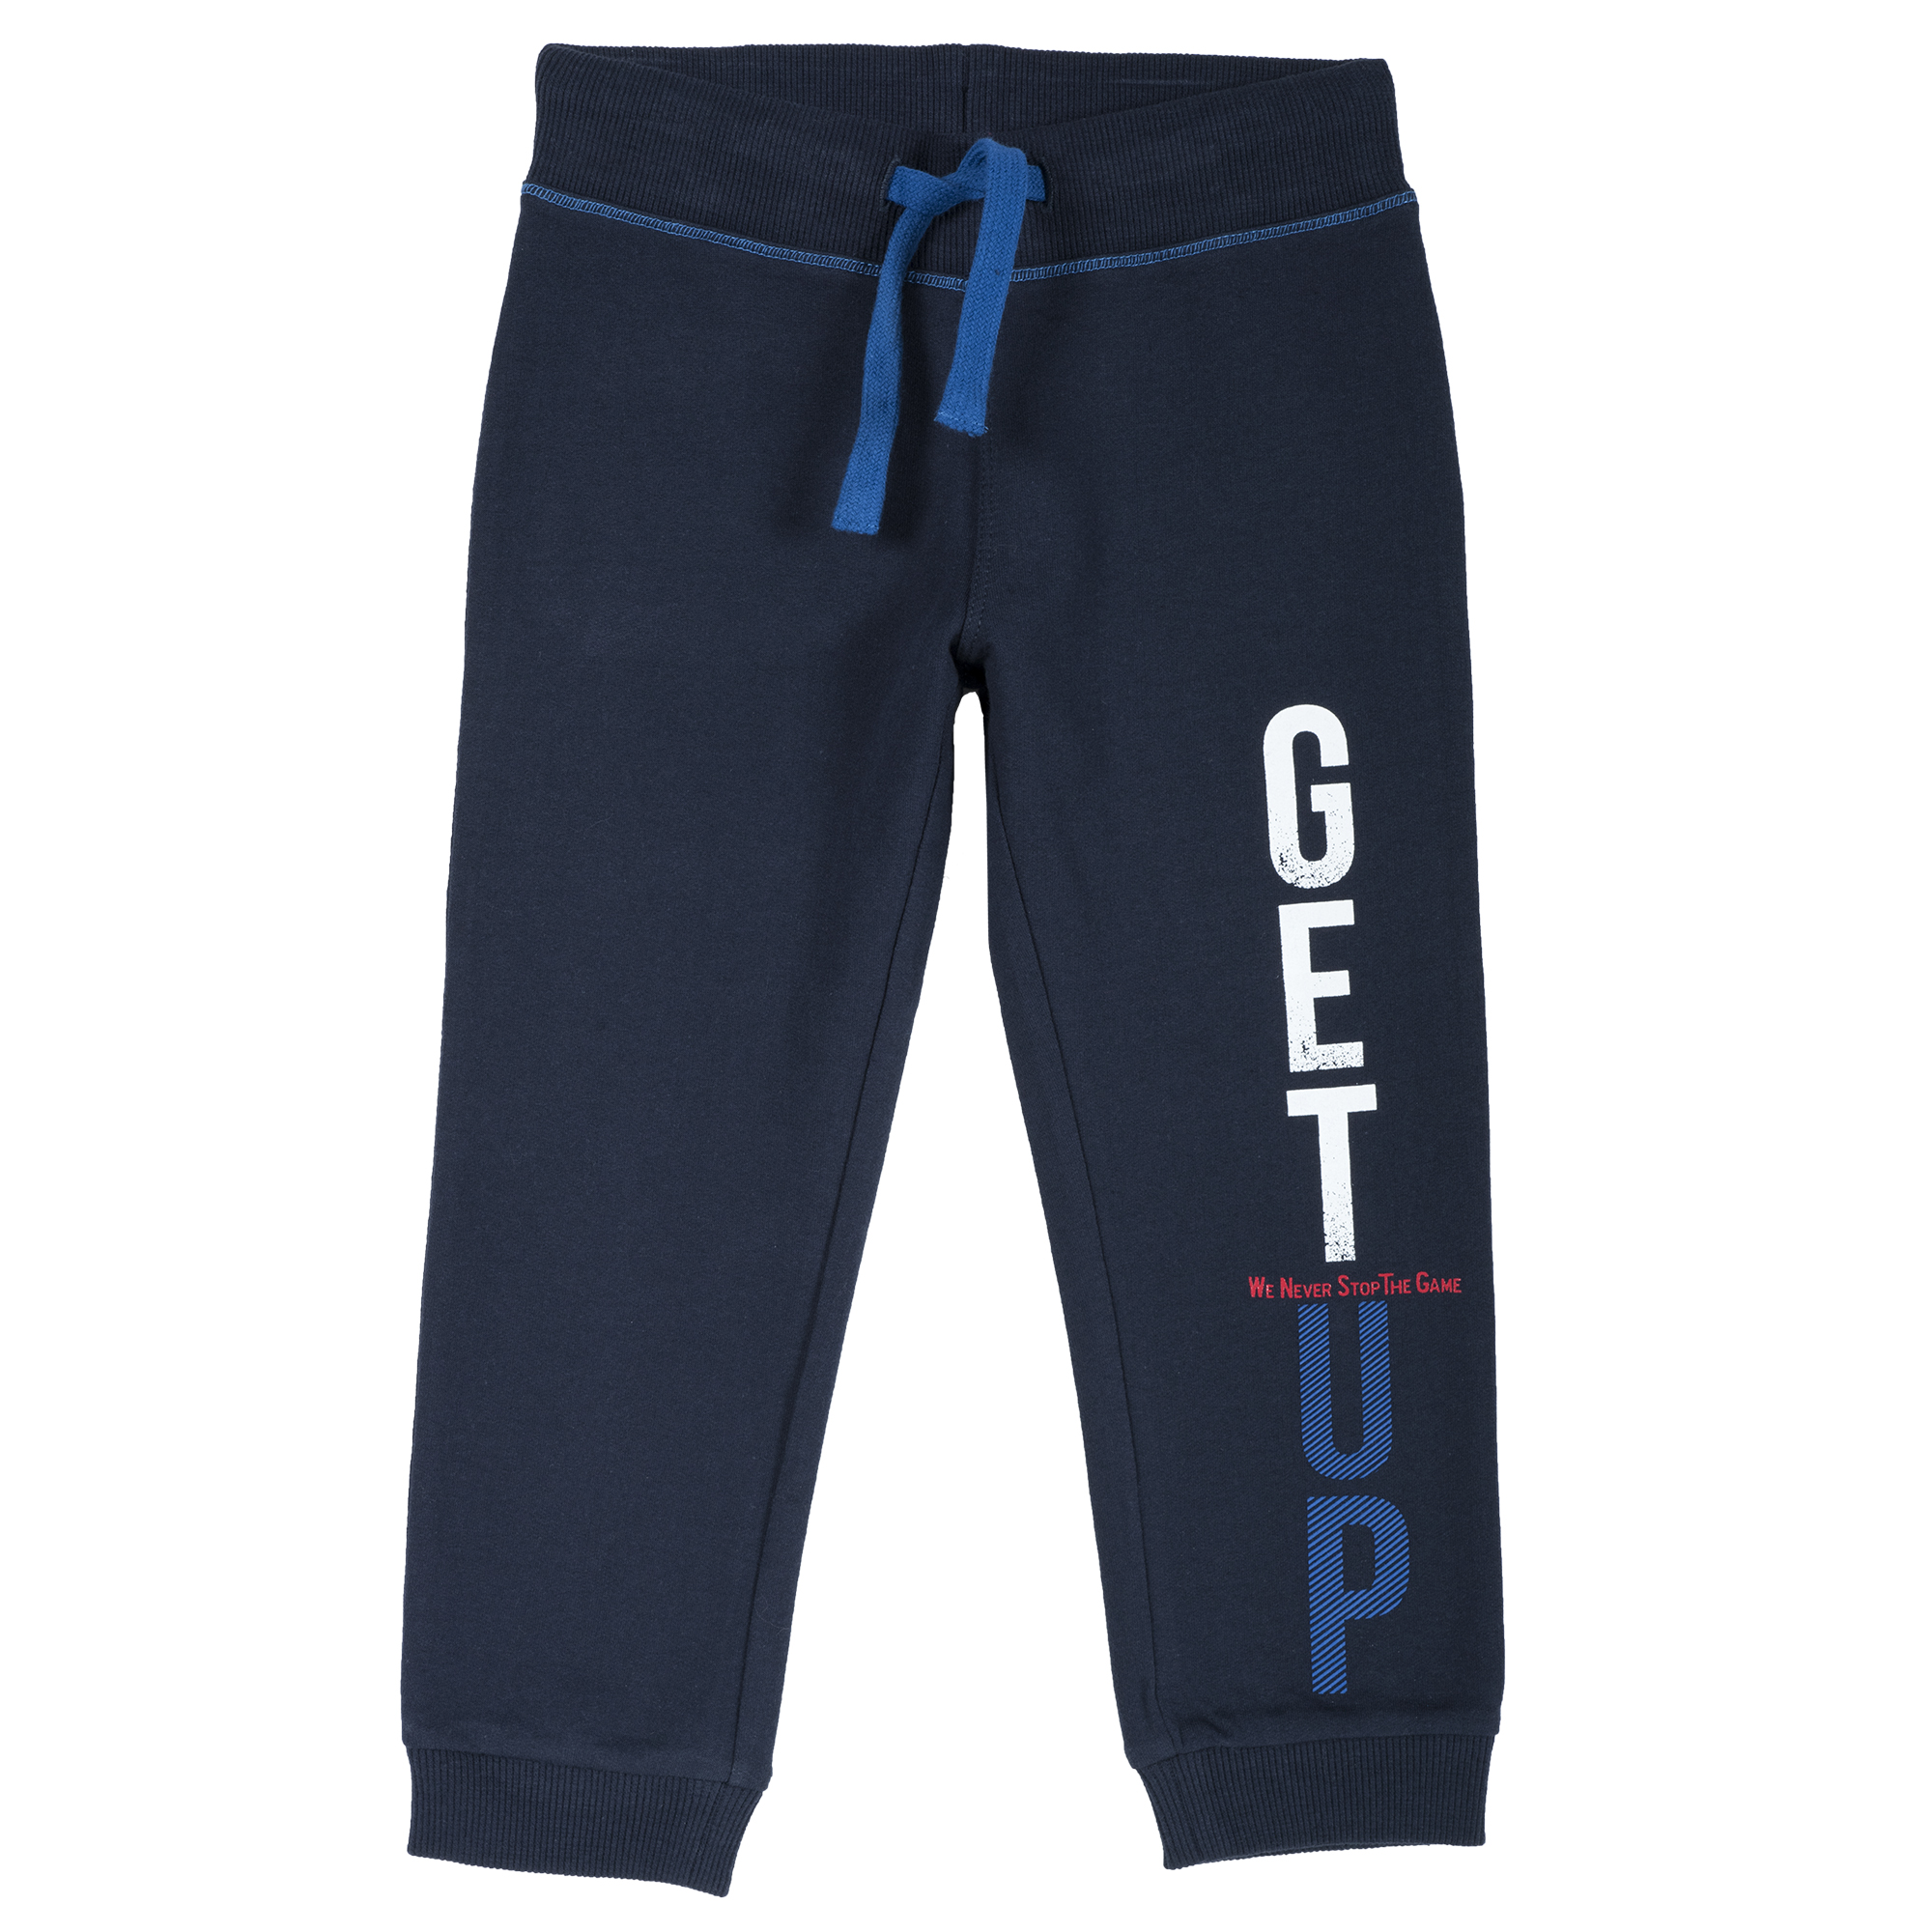 Pantalon trening copii, mansete elastice, albastru inchis, 24919